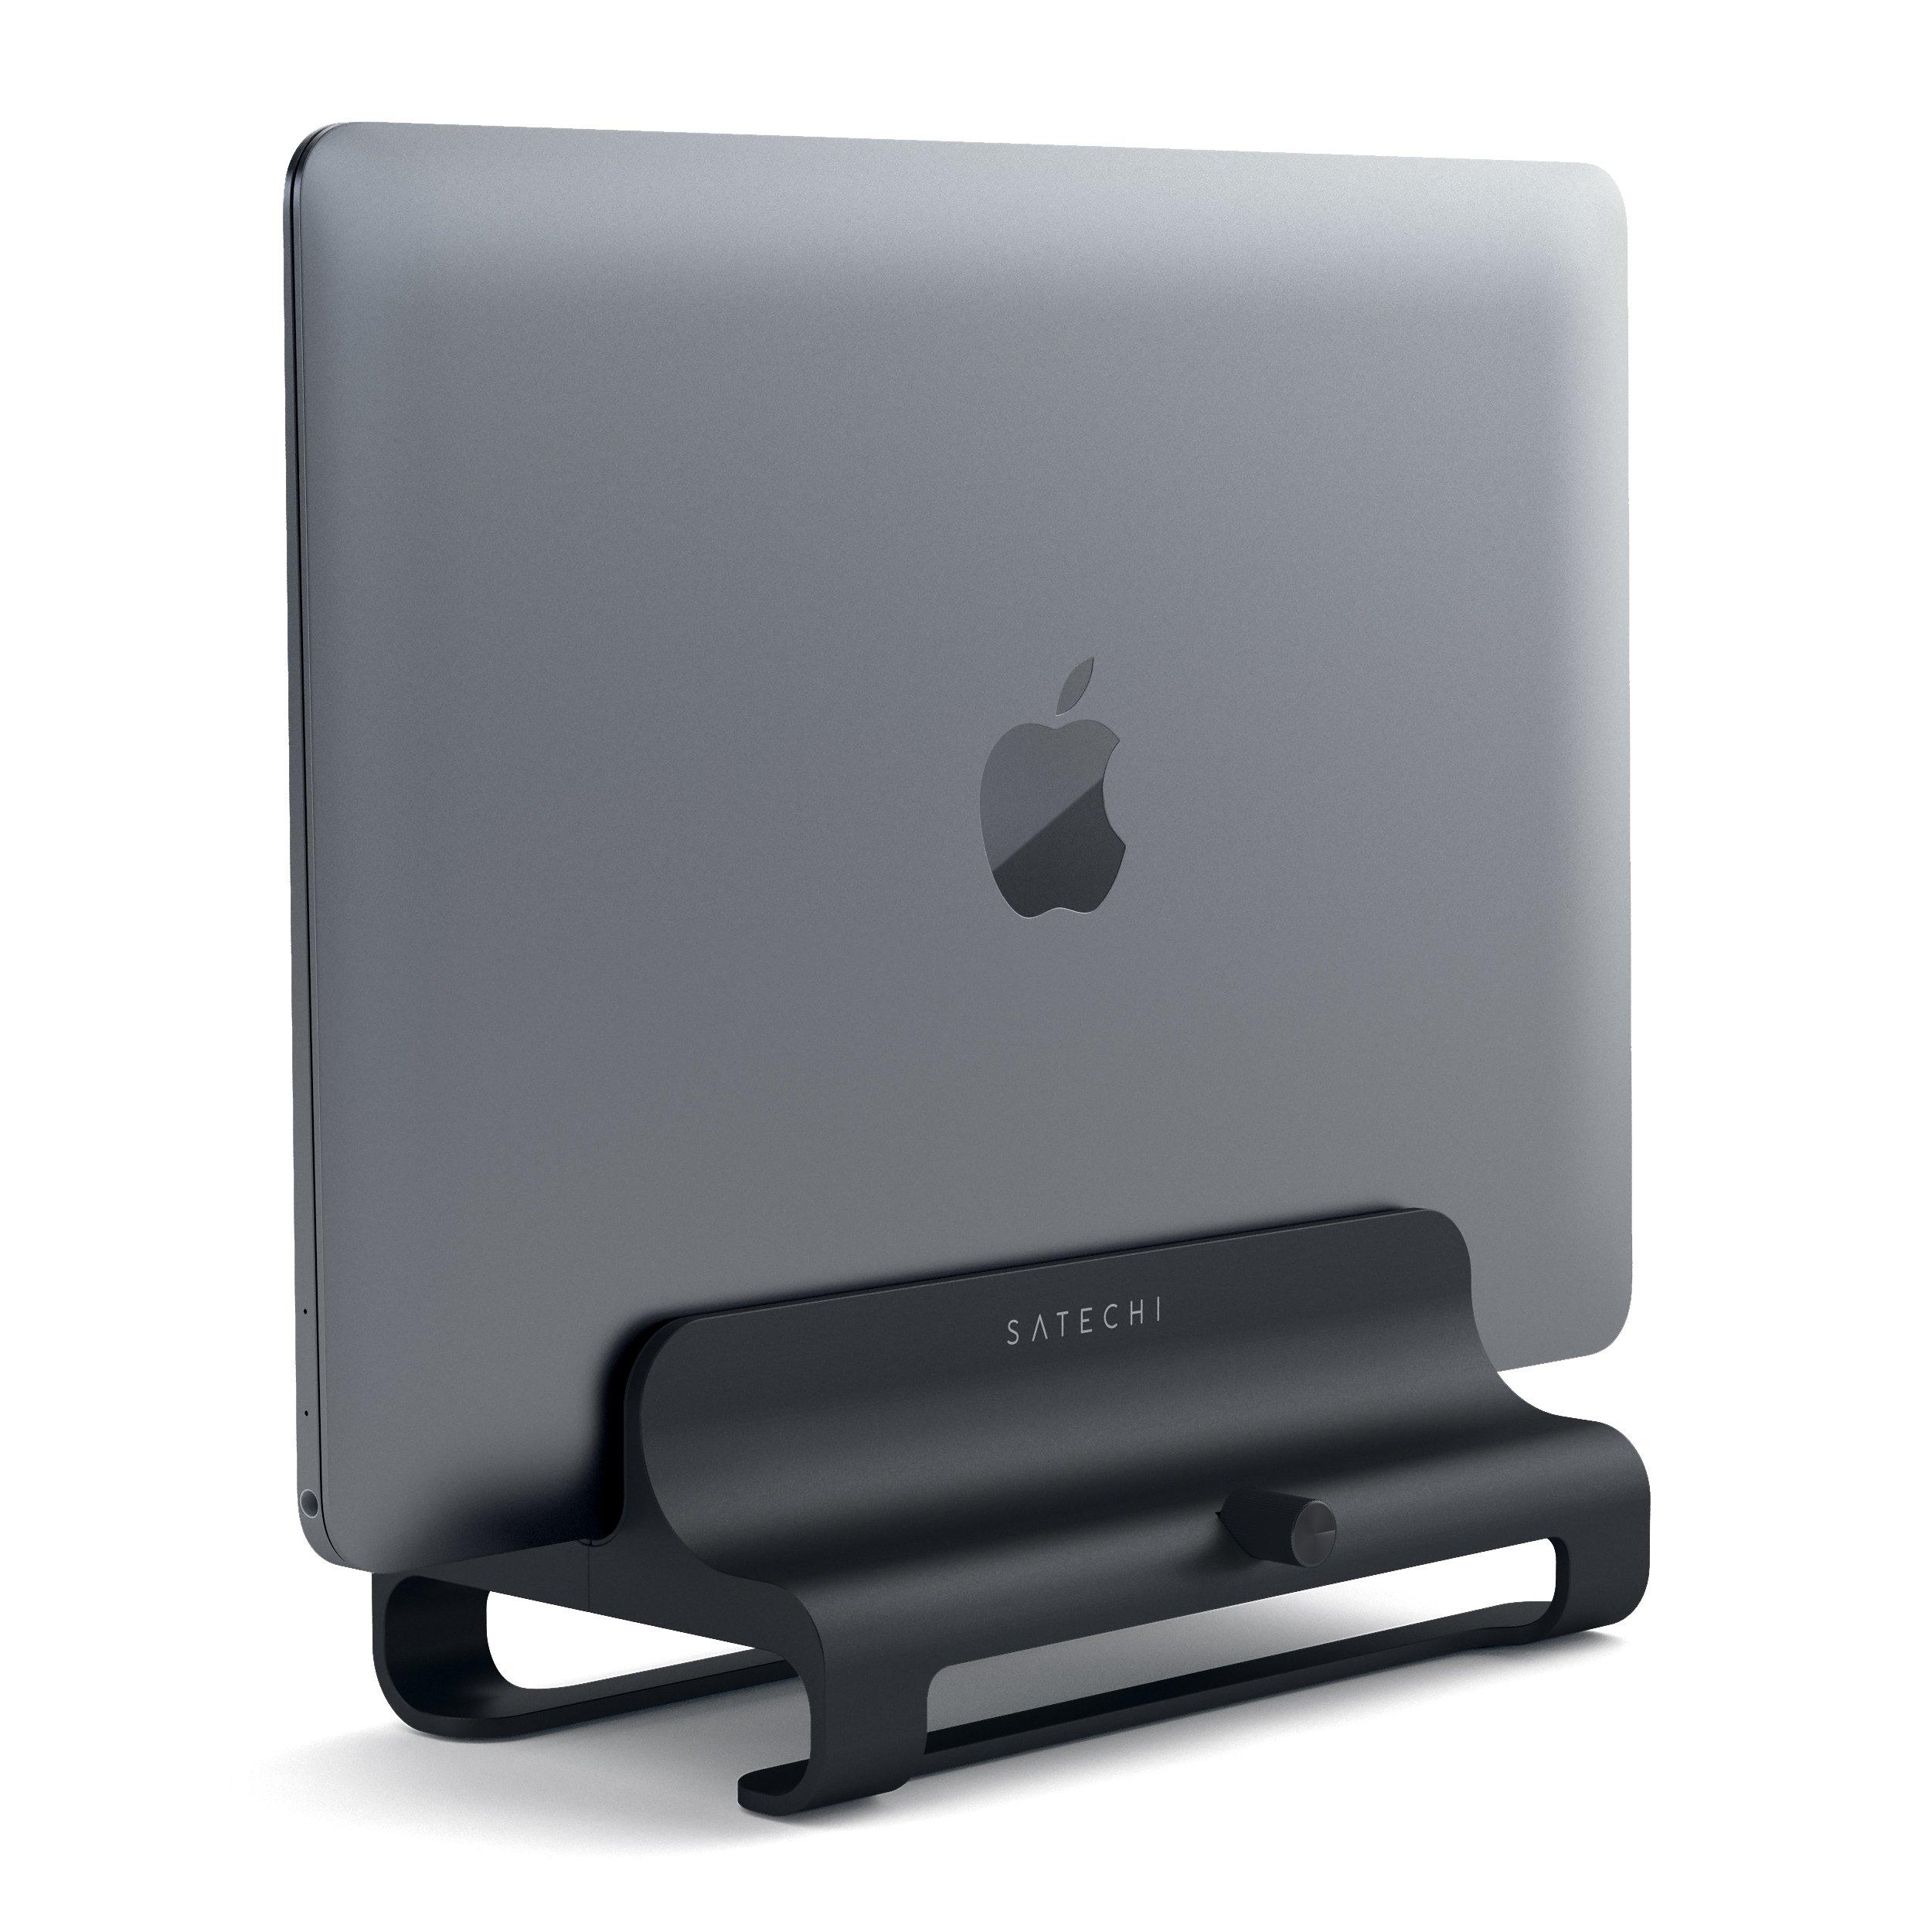 Алюминиевая вертикальная подставка Satechi Universal Vertical Aluminum Laptop Stand (ST-ALVLSK) для MacBook черный